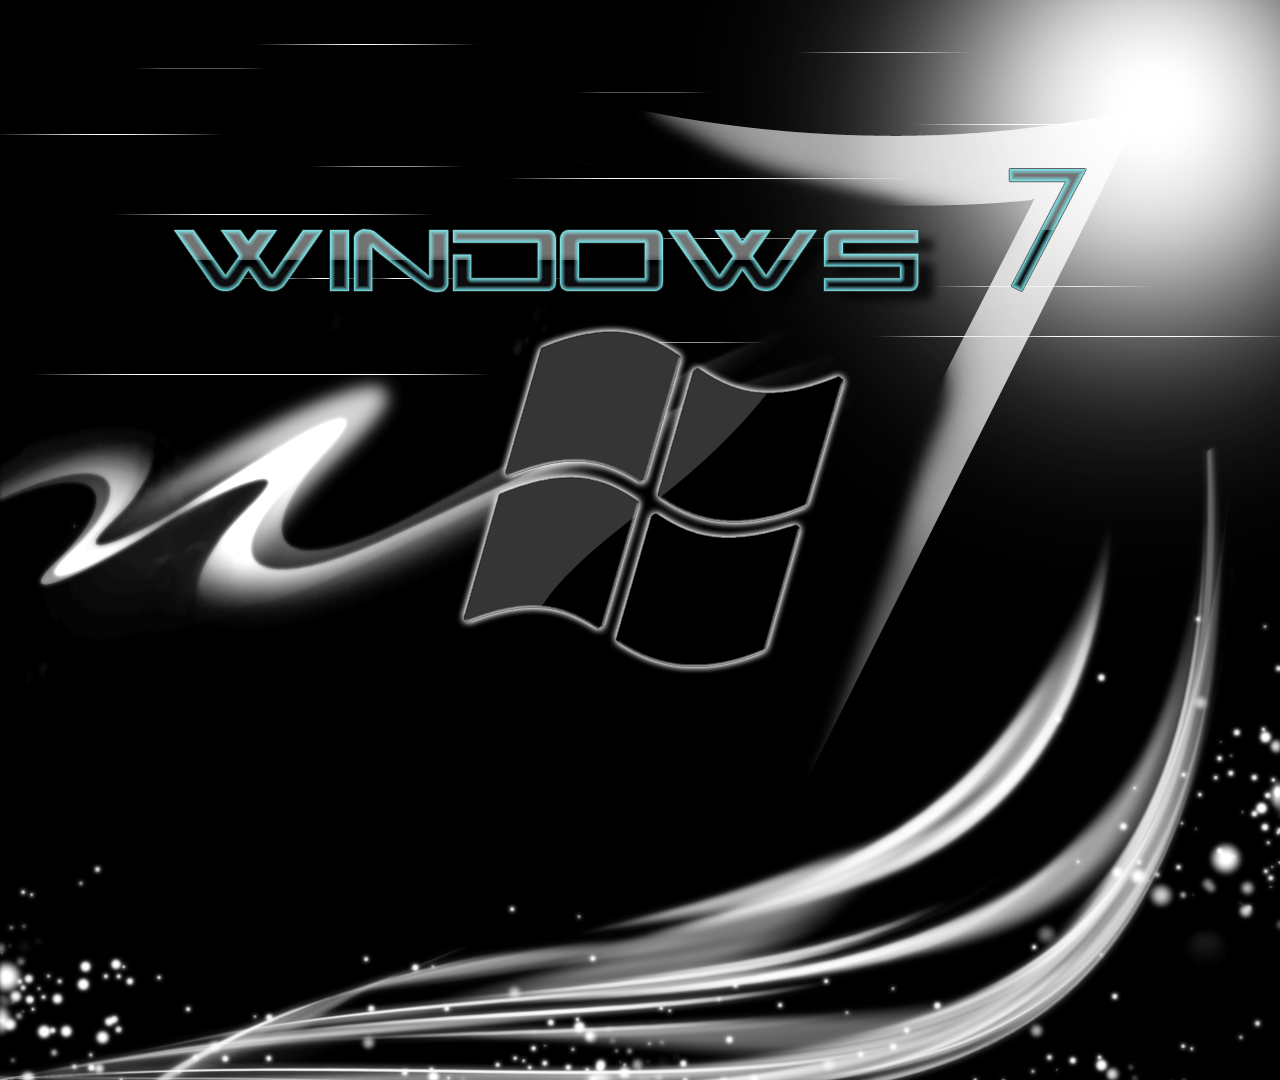 Christian Wallpaper For Windows 10